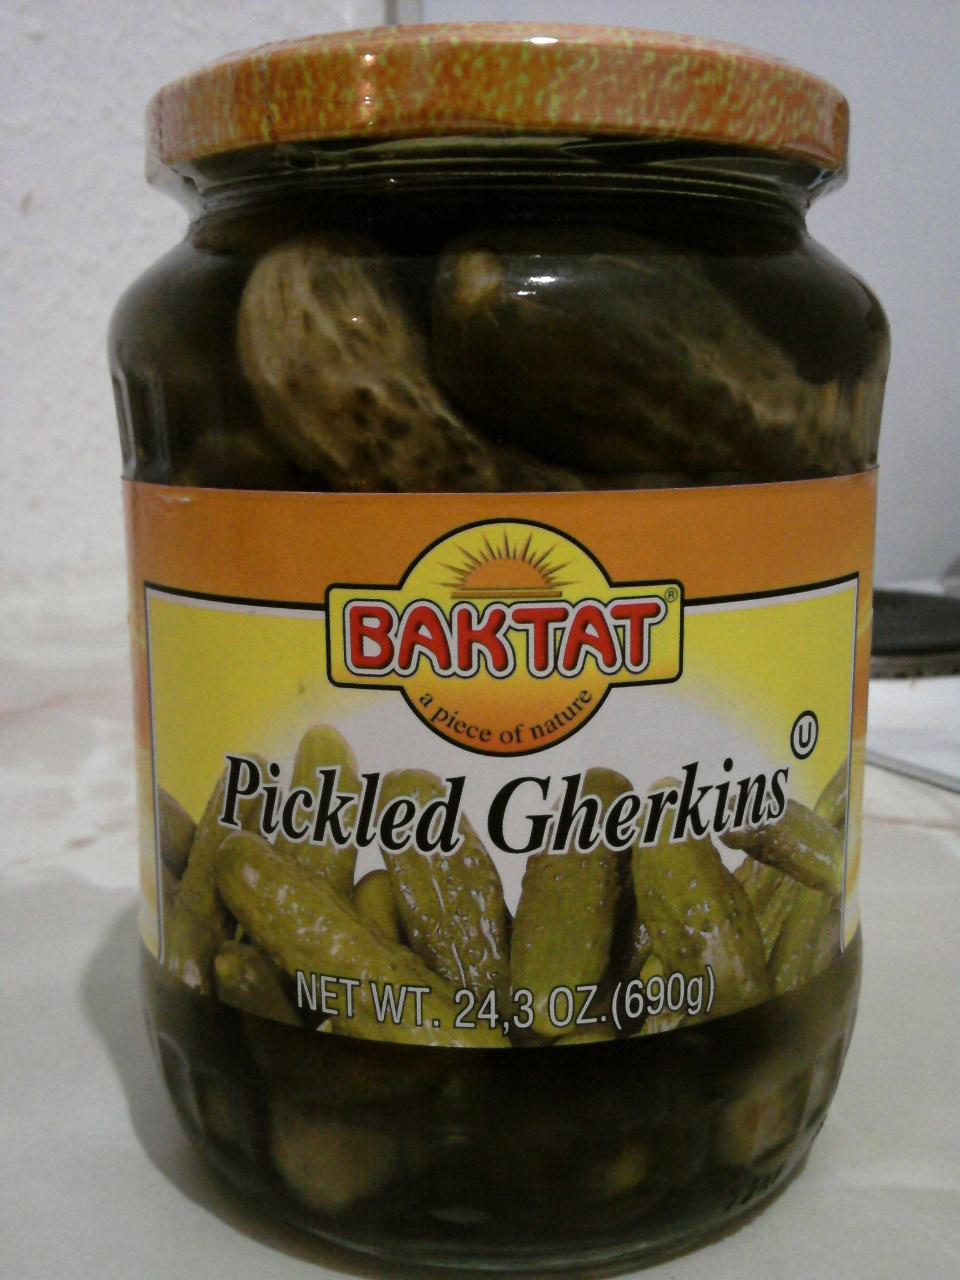 Baktat Pickled Gherkins jar